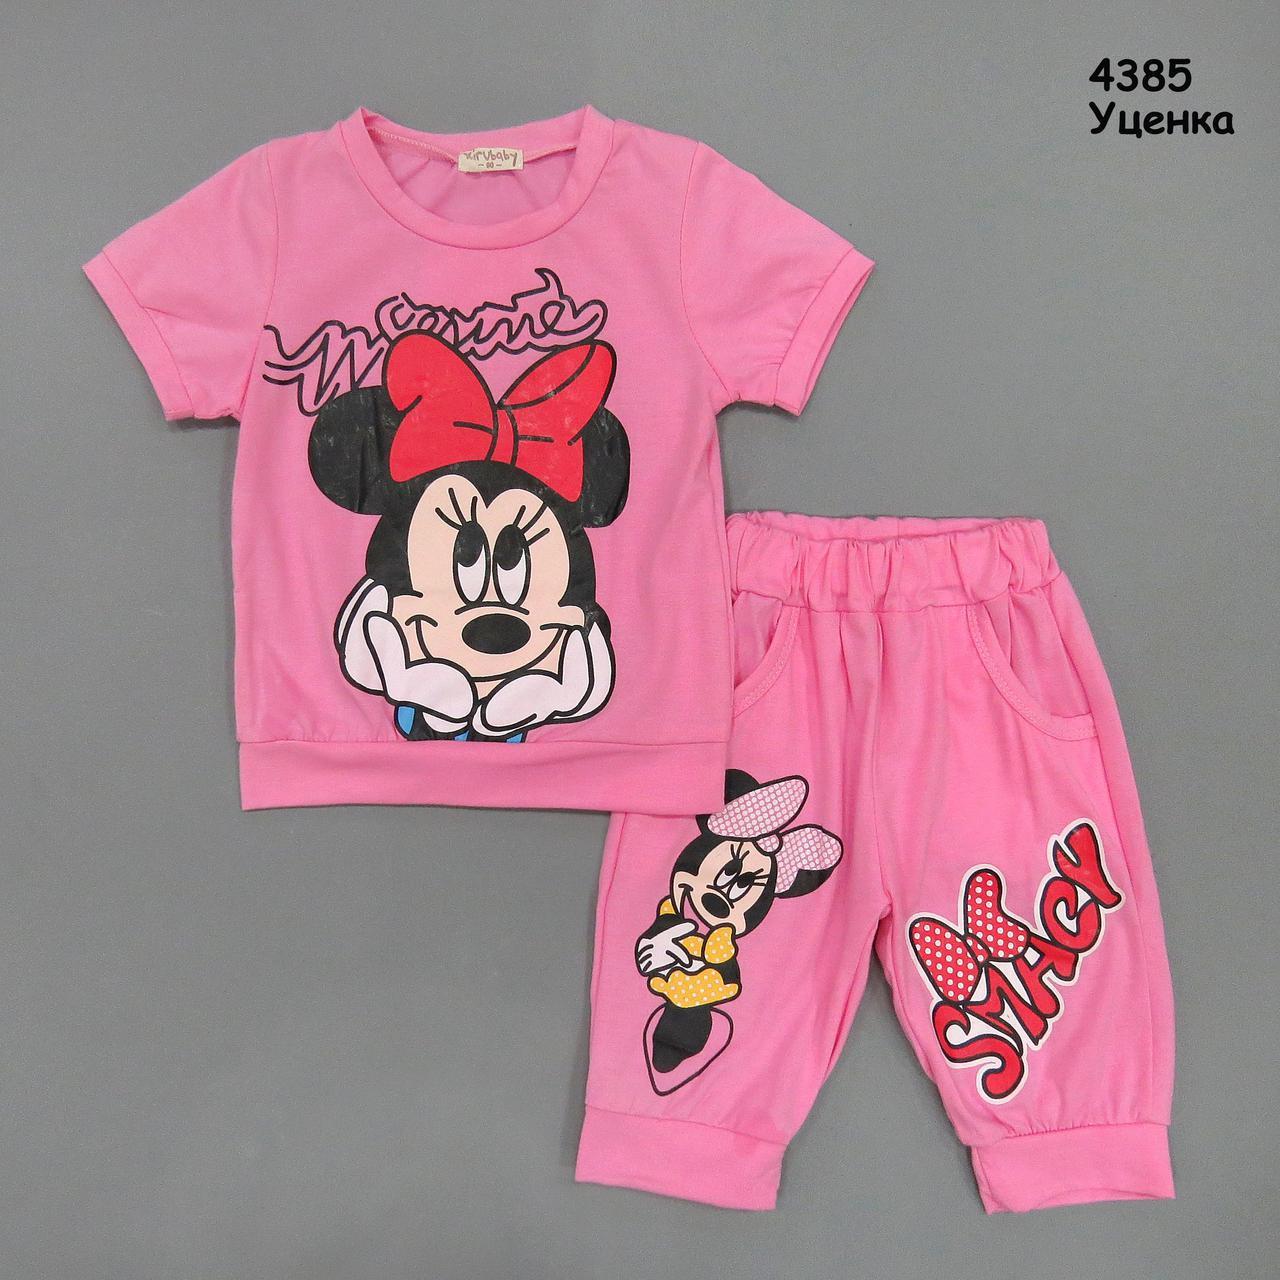 Летний костюм Minnie Mouse для девочки. 90 см